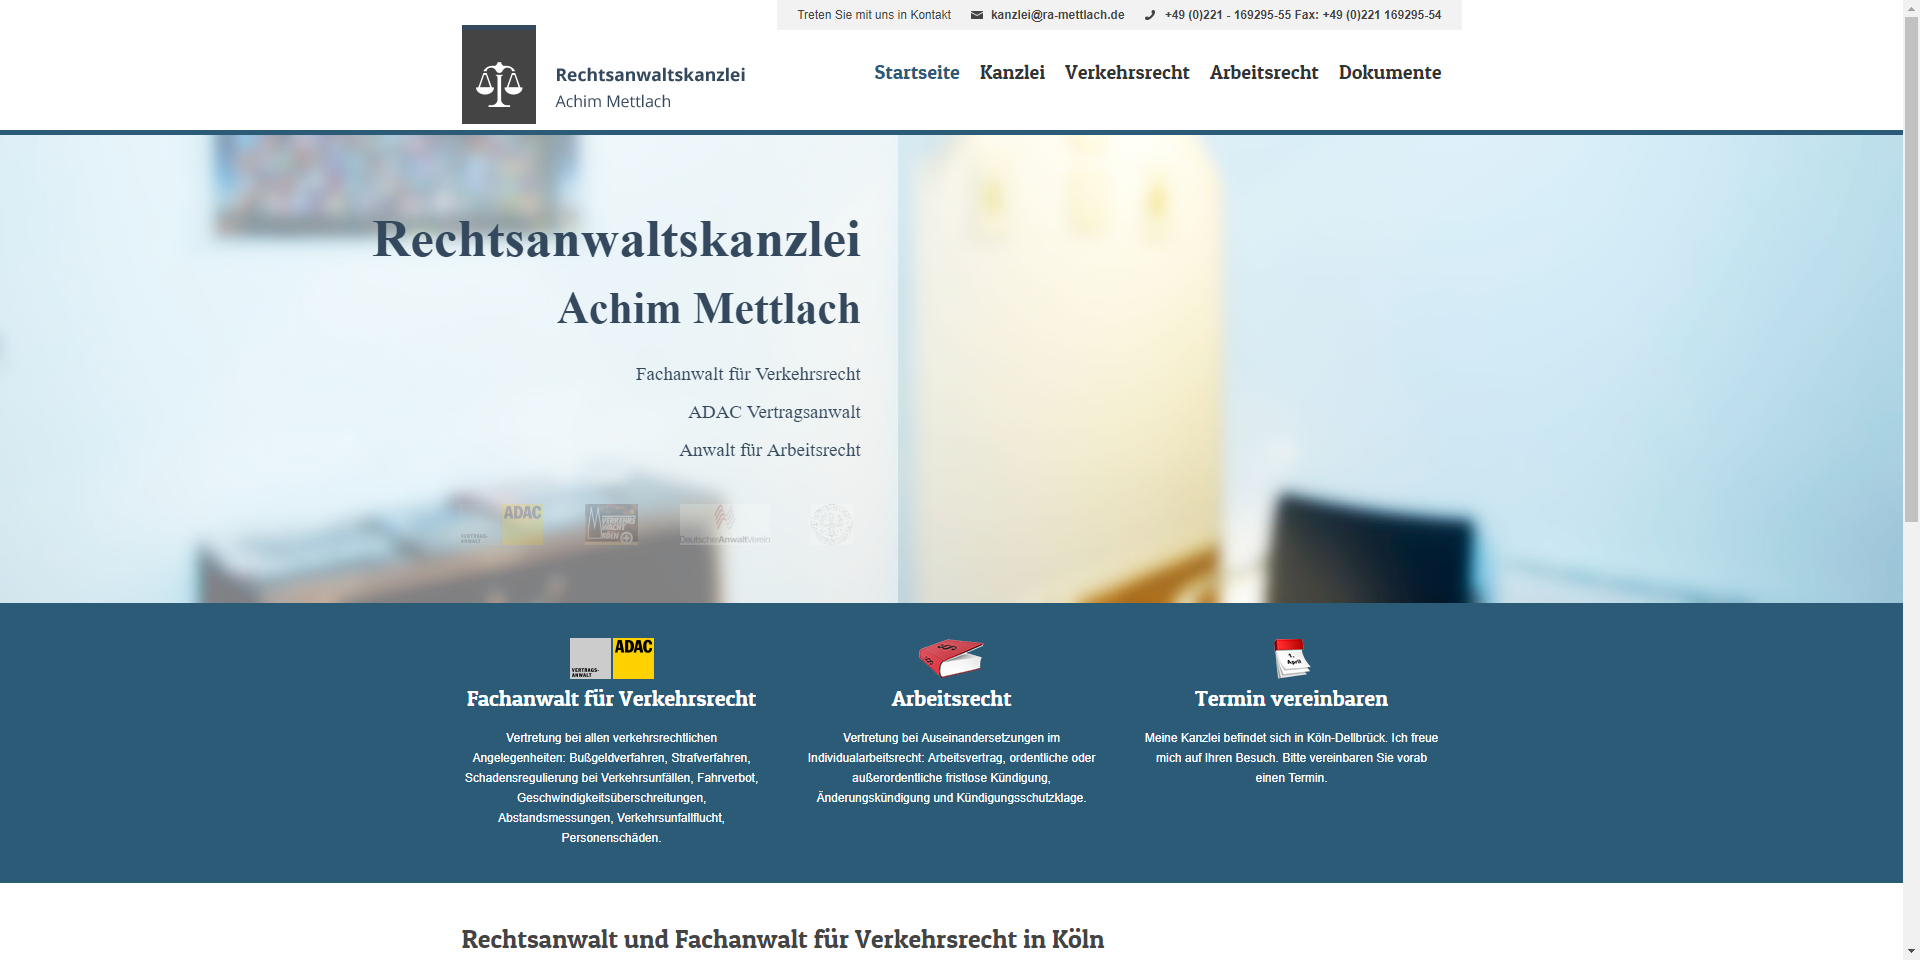 Rechtsanwalt Achim Mettlach